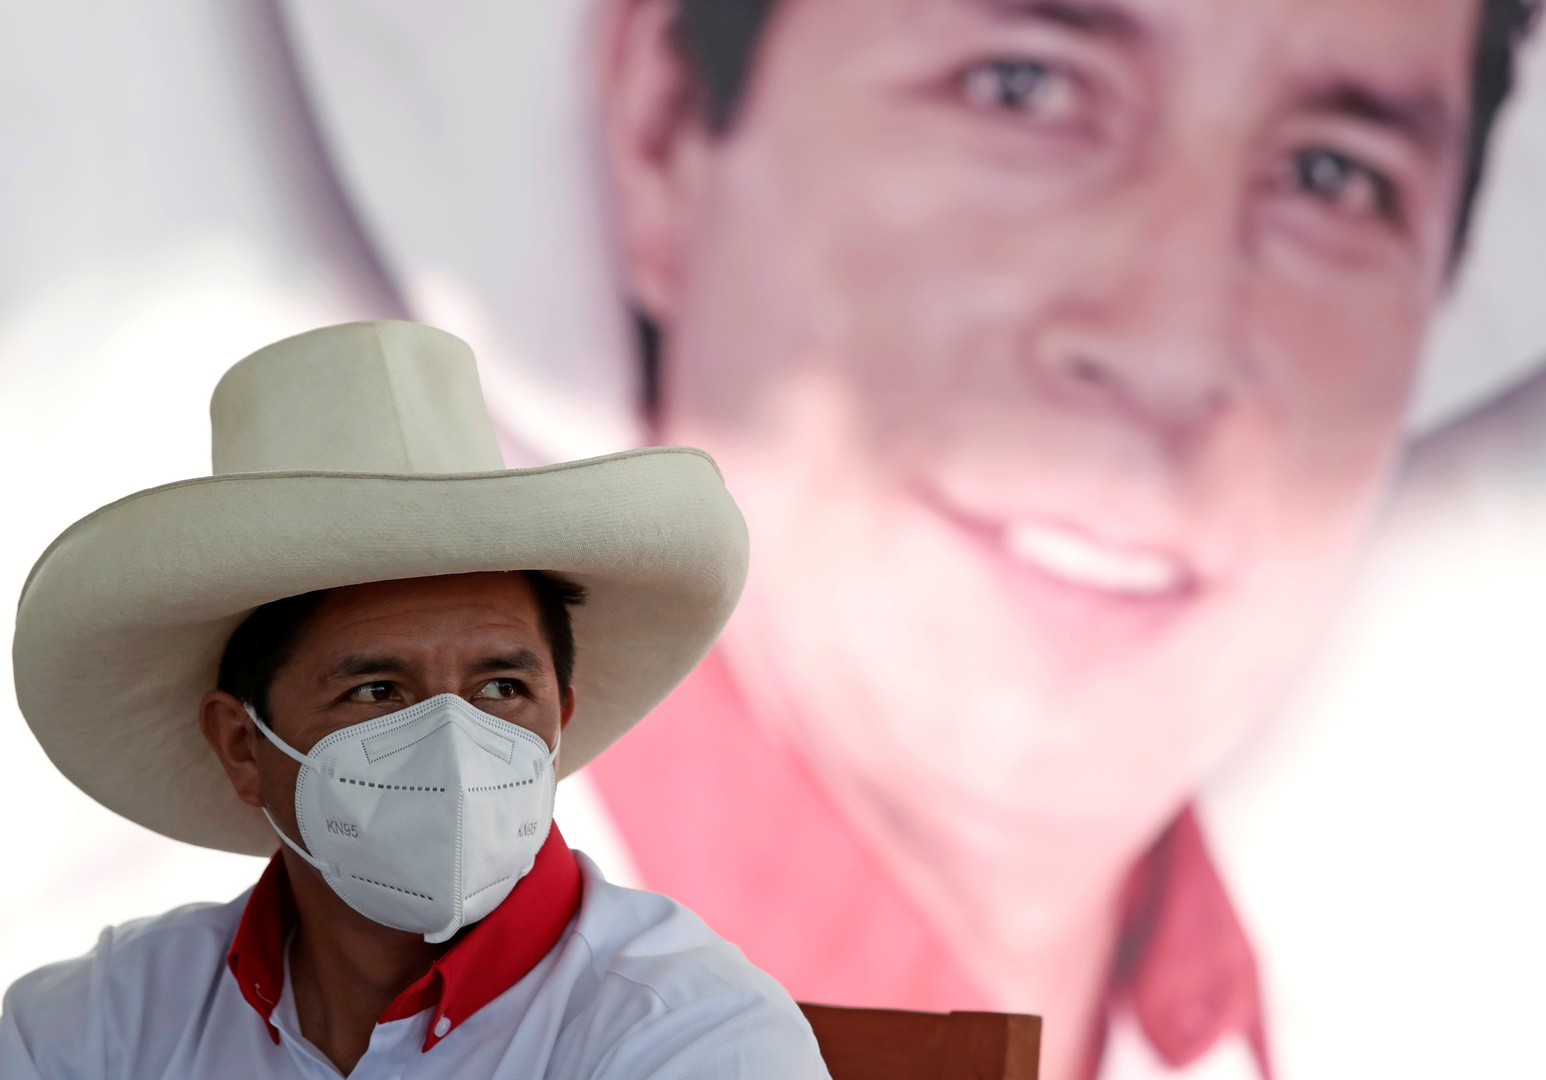 بيرو.. المرشح المتصدر للسباق الرئاسي يدخل المستشفى